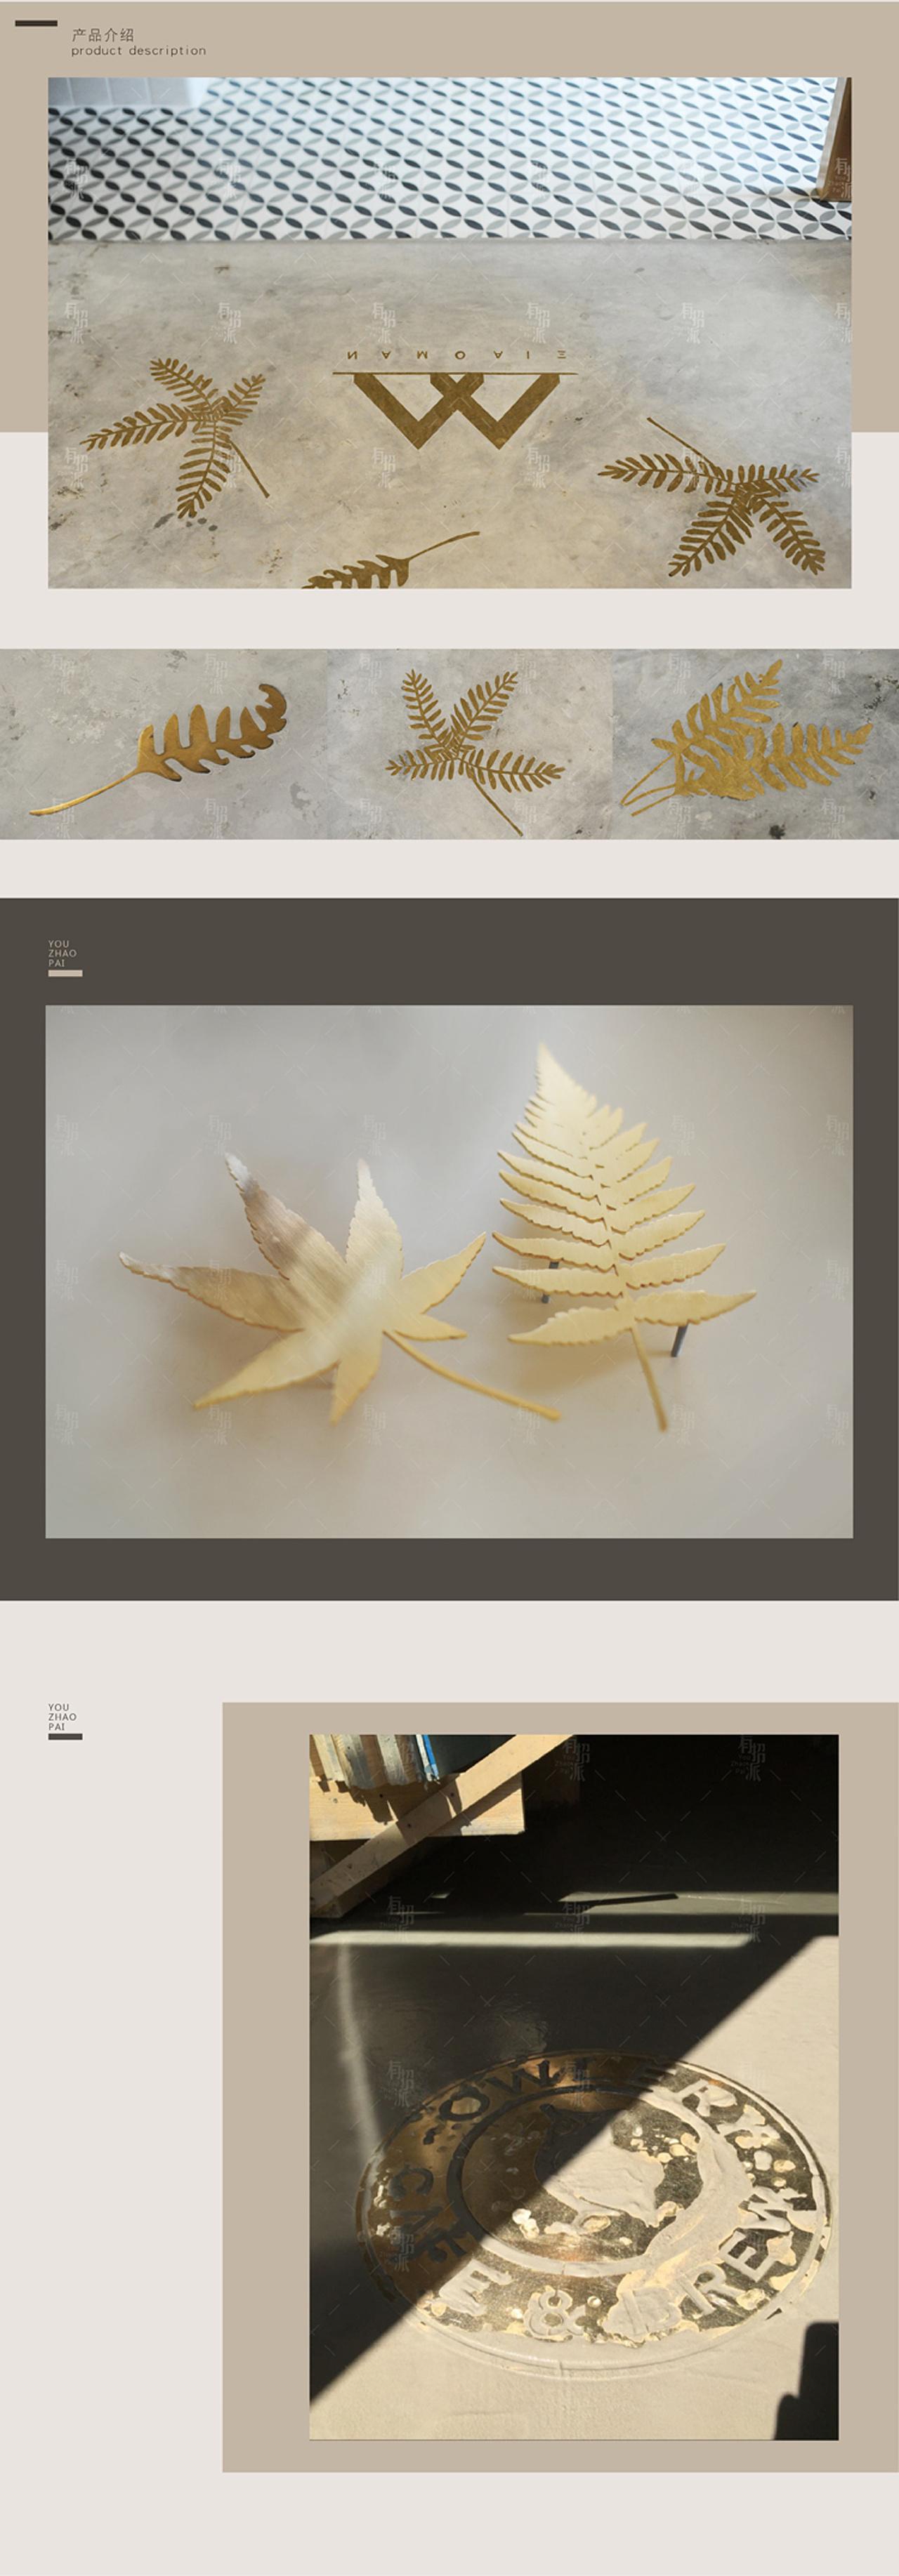 黄铜字_水泥镶嵌 纯黄铜字 空间 展示设计  诺一DESIGN - 原创作品 - 站酷 ...